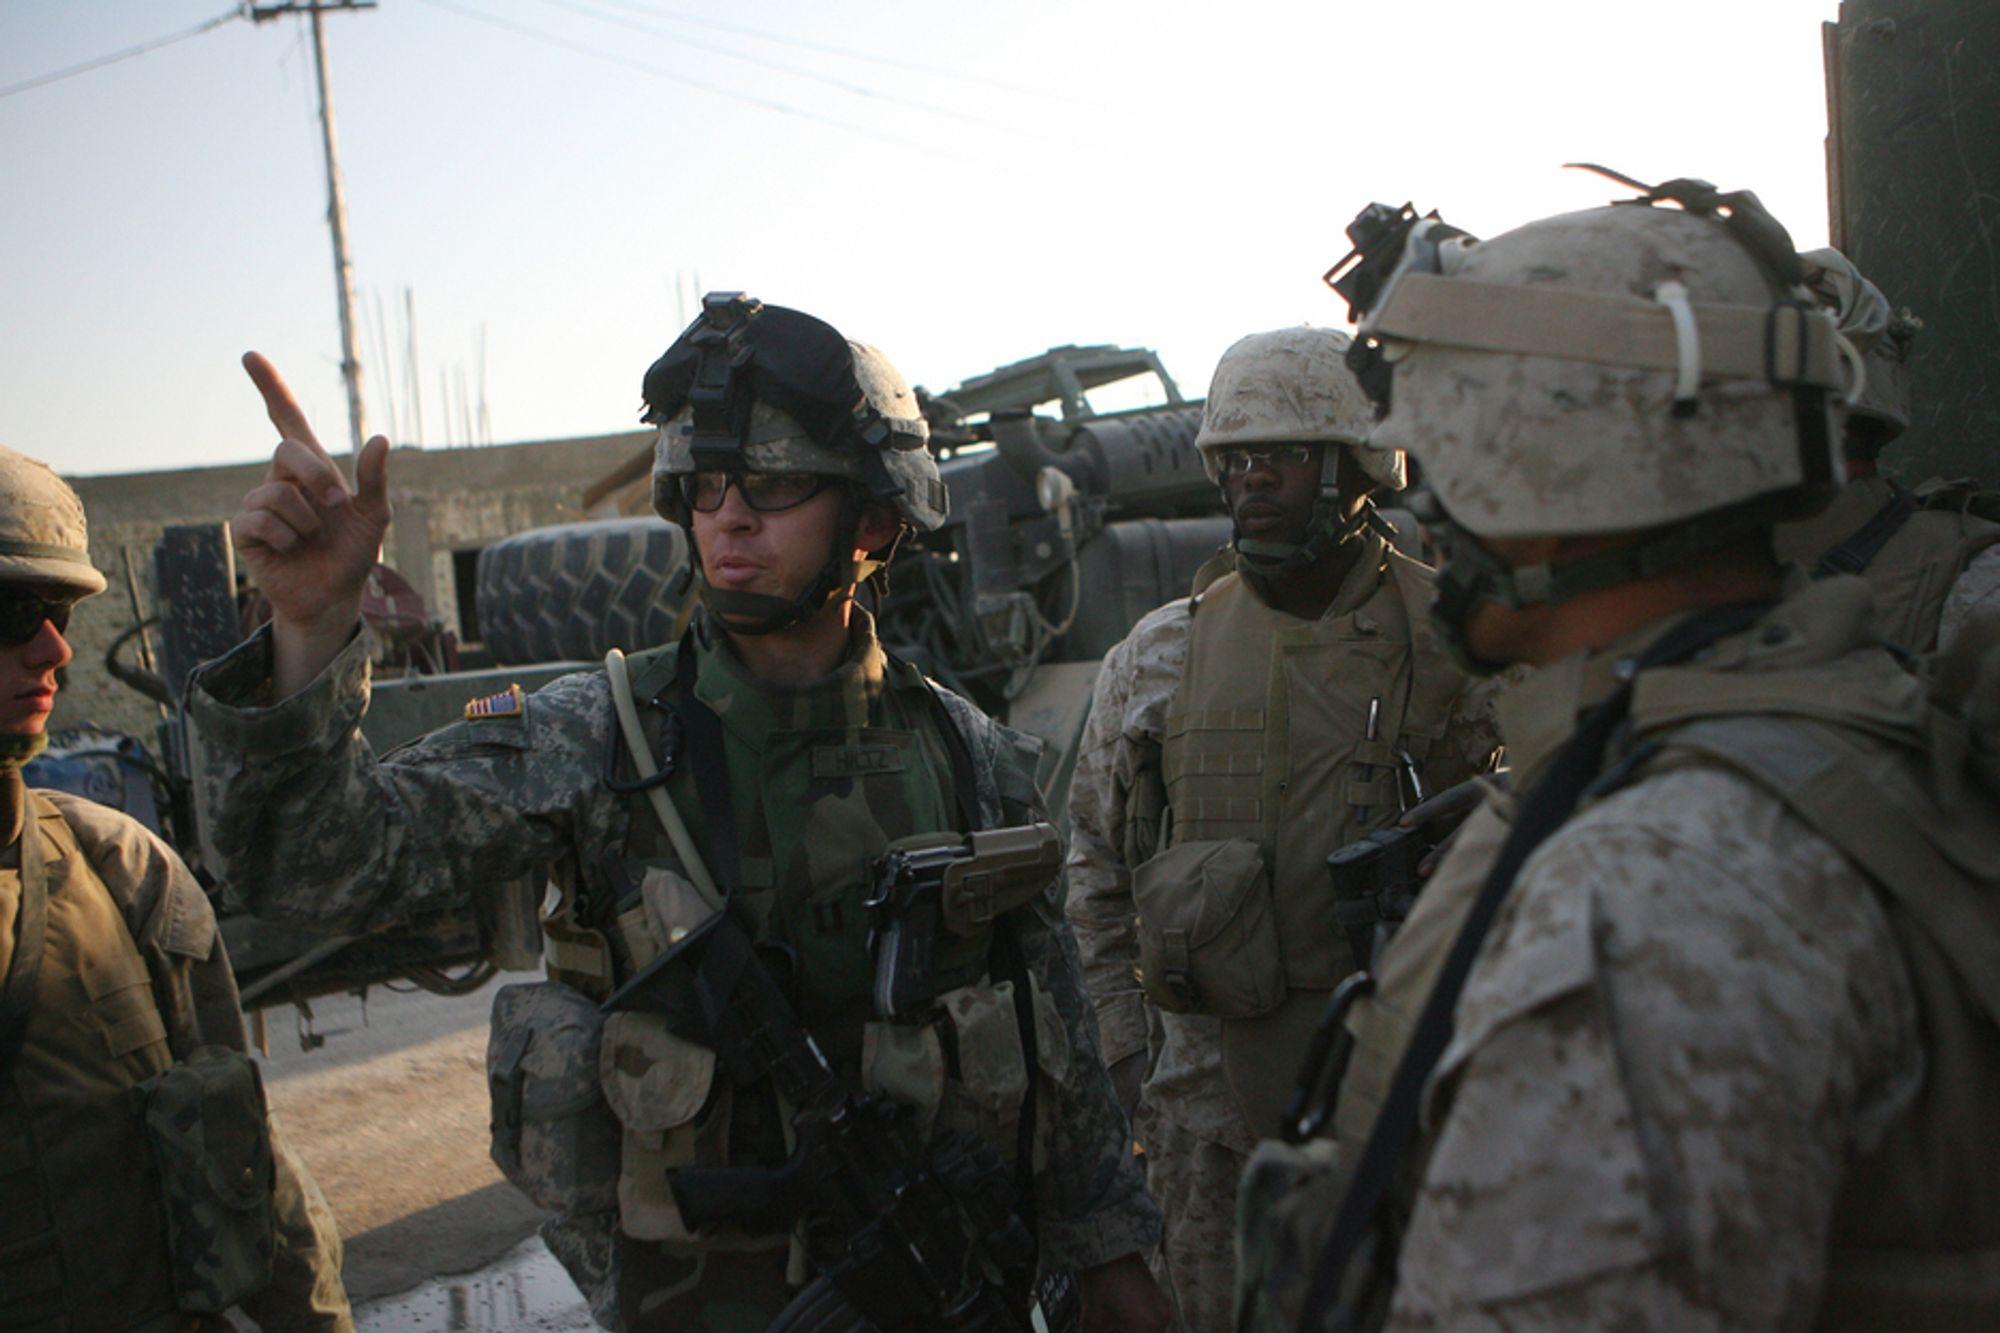 NY KONTRAKT: Kongsberg Gruppen skal levere våpensystemer verdt rundt 515 millioner kroner til US Army.